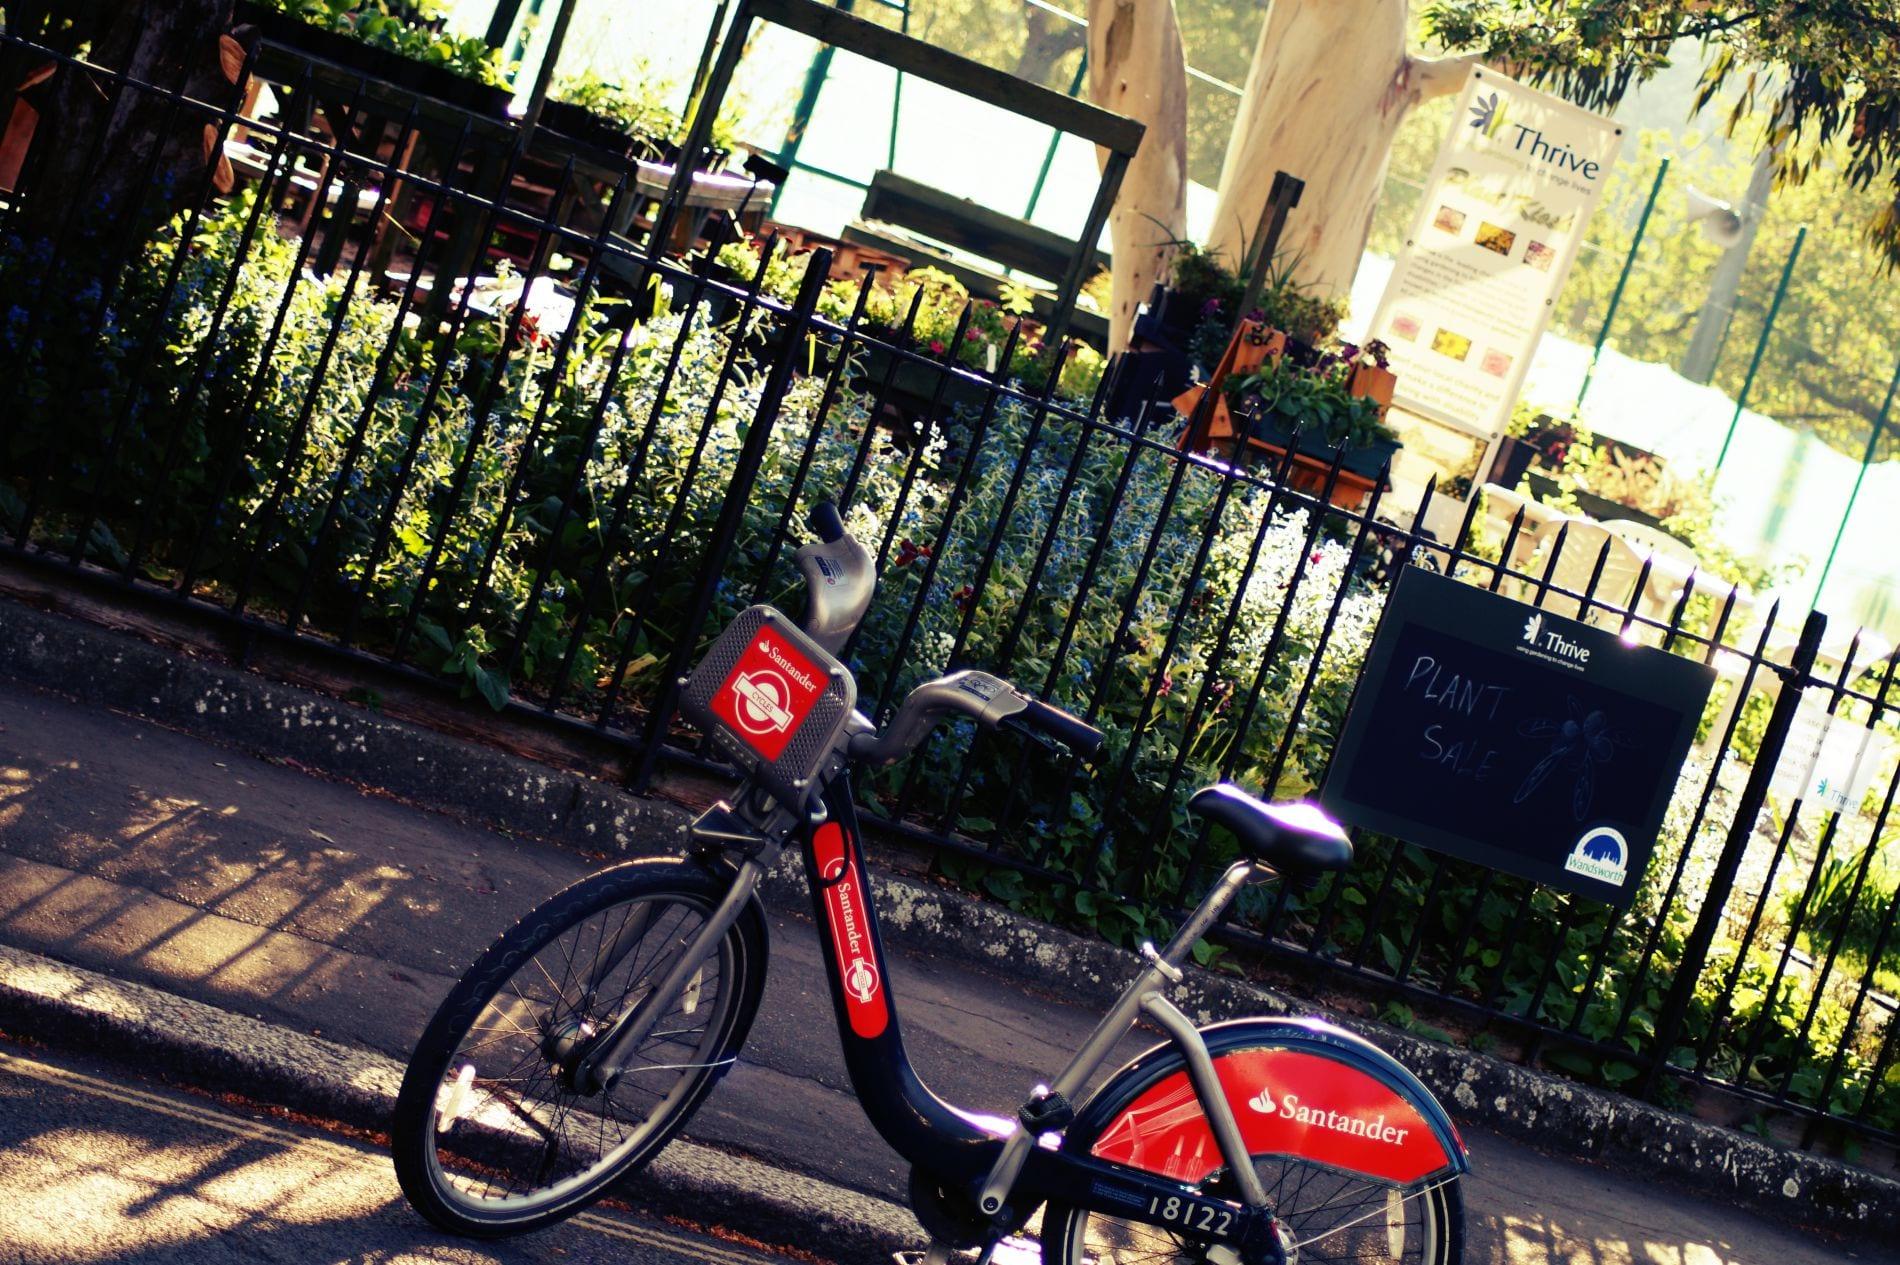 fahrrad-mieten-london-santander-cycle